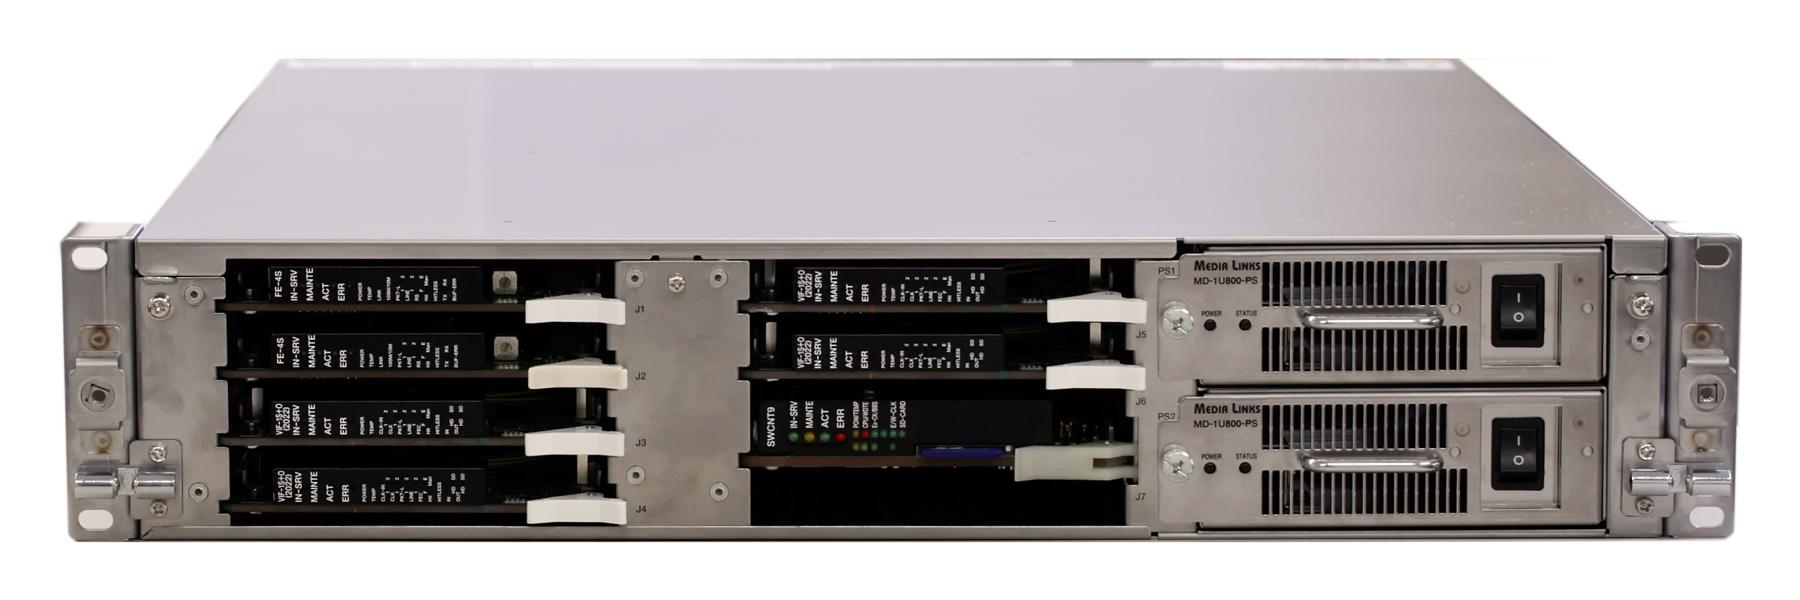 MD8000SX-inside